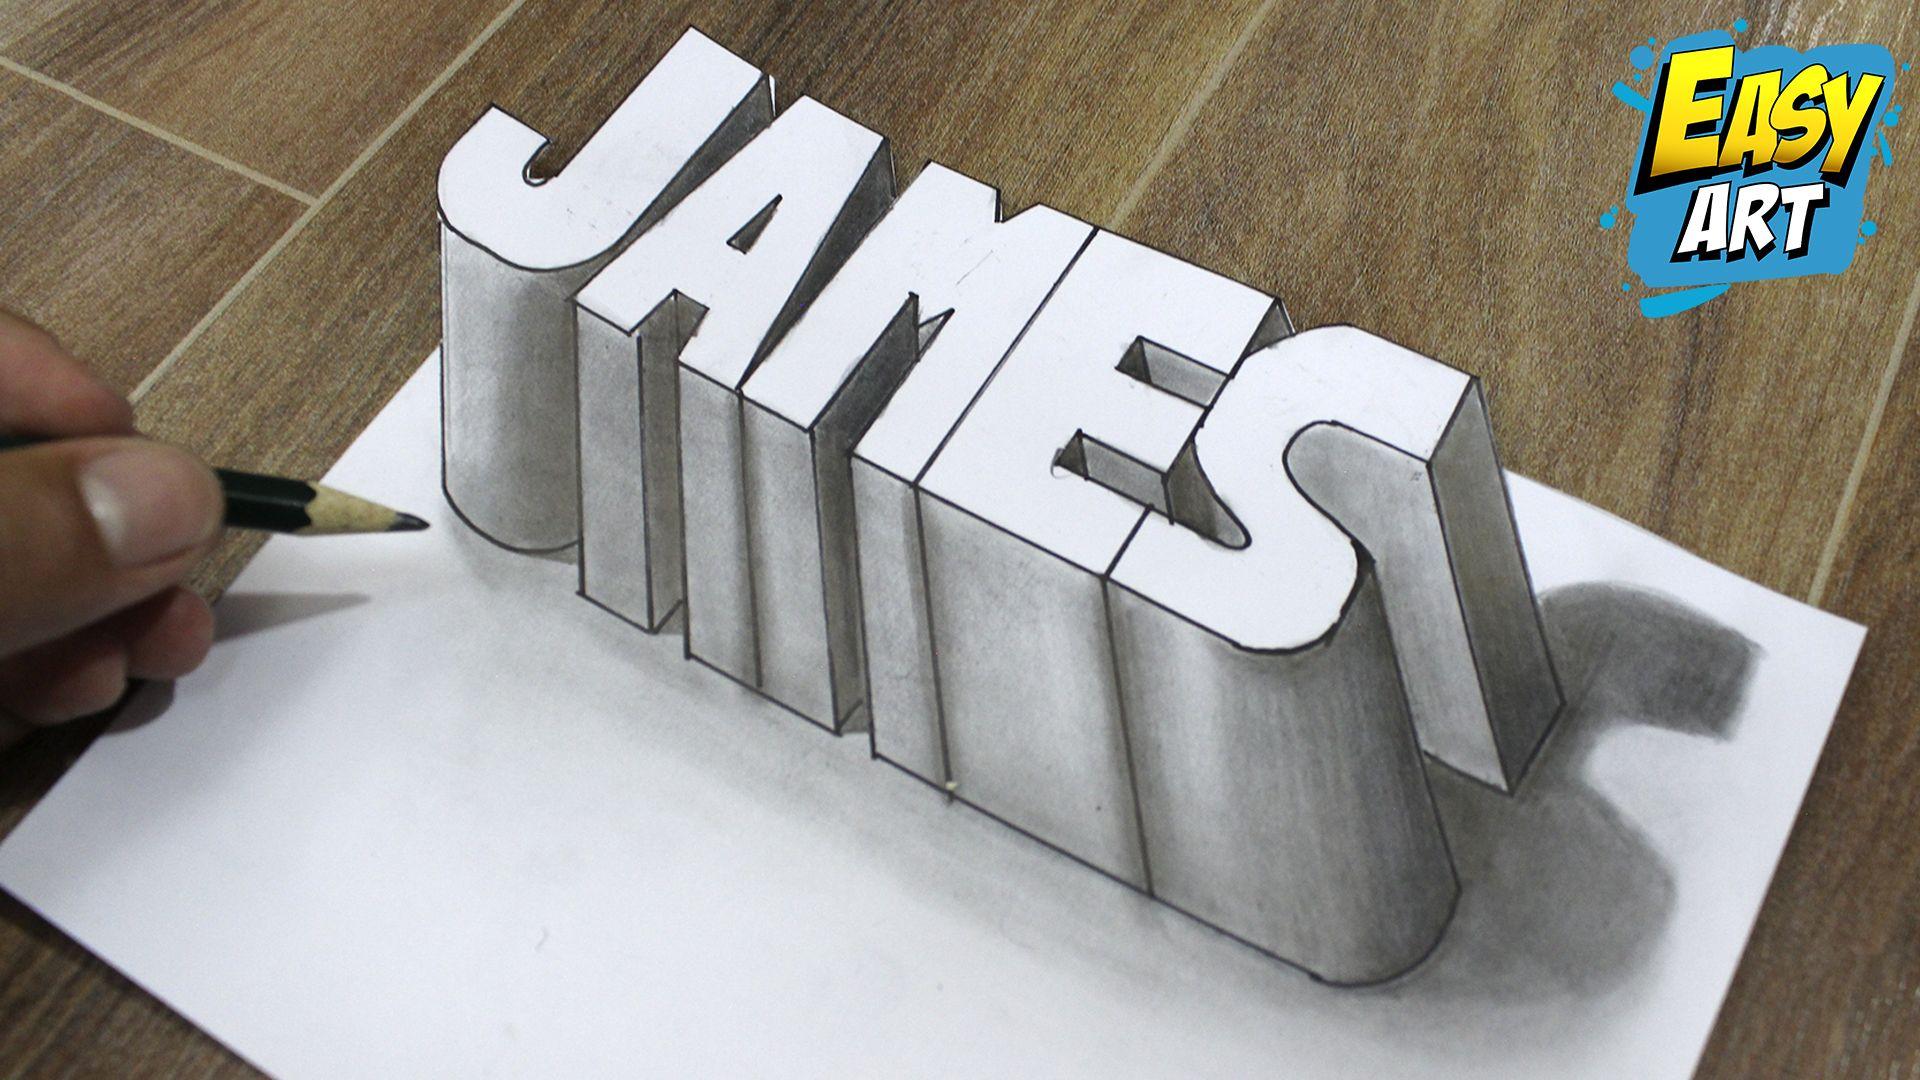 Como Dibujar Nombres 3d James 3d How To Draw Names 3d Letras En 3d Abecedarios De Graffitis Dibujos A Lapiz Faciles